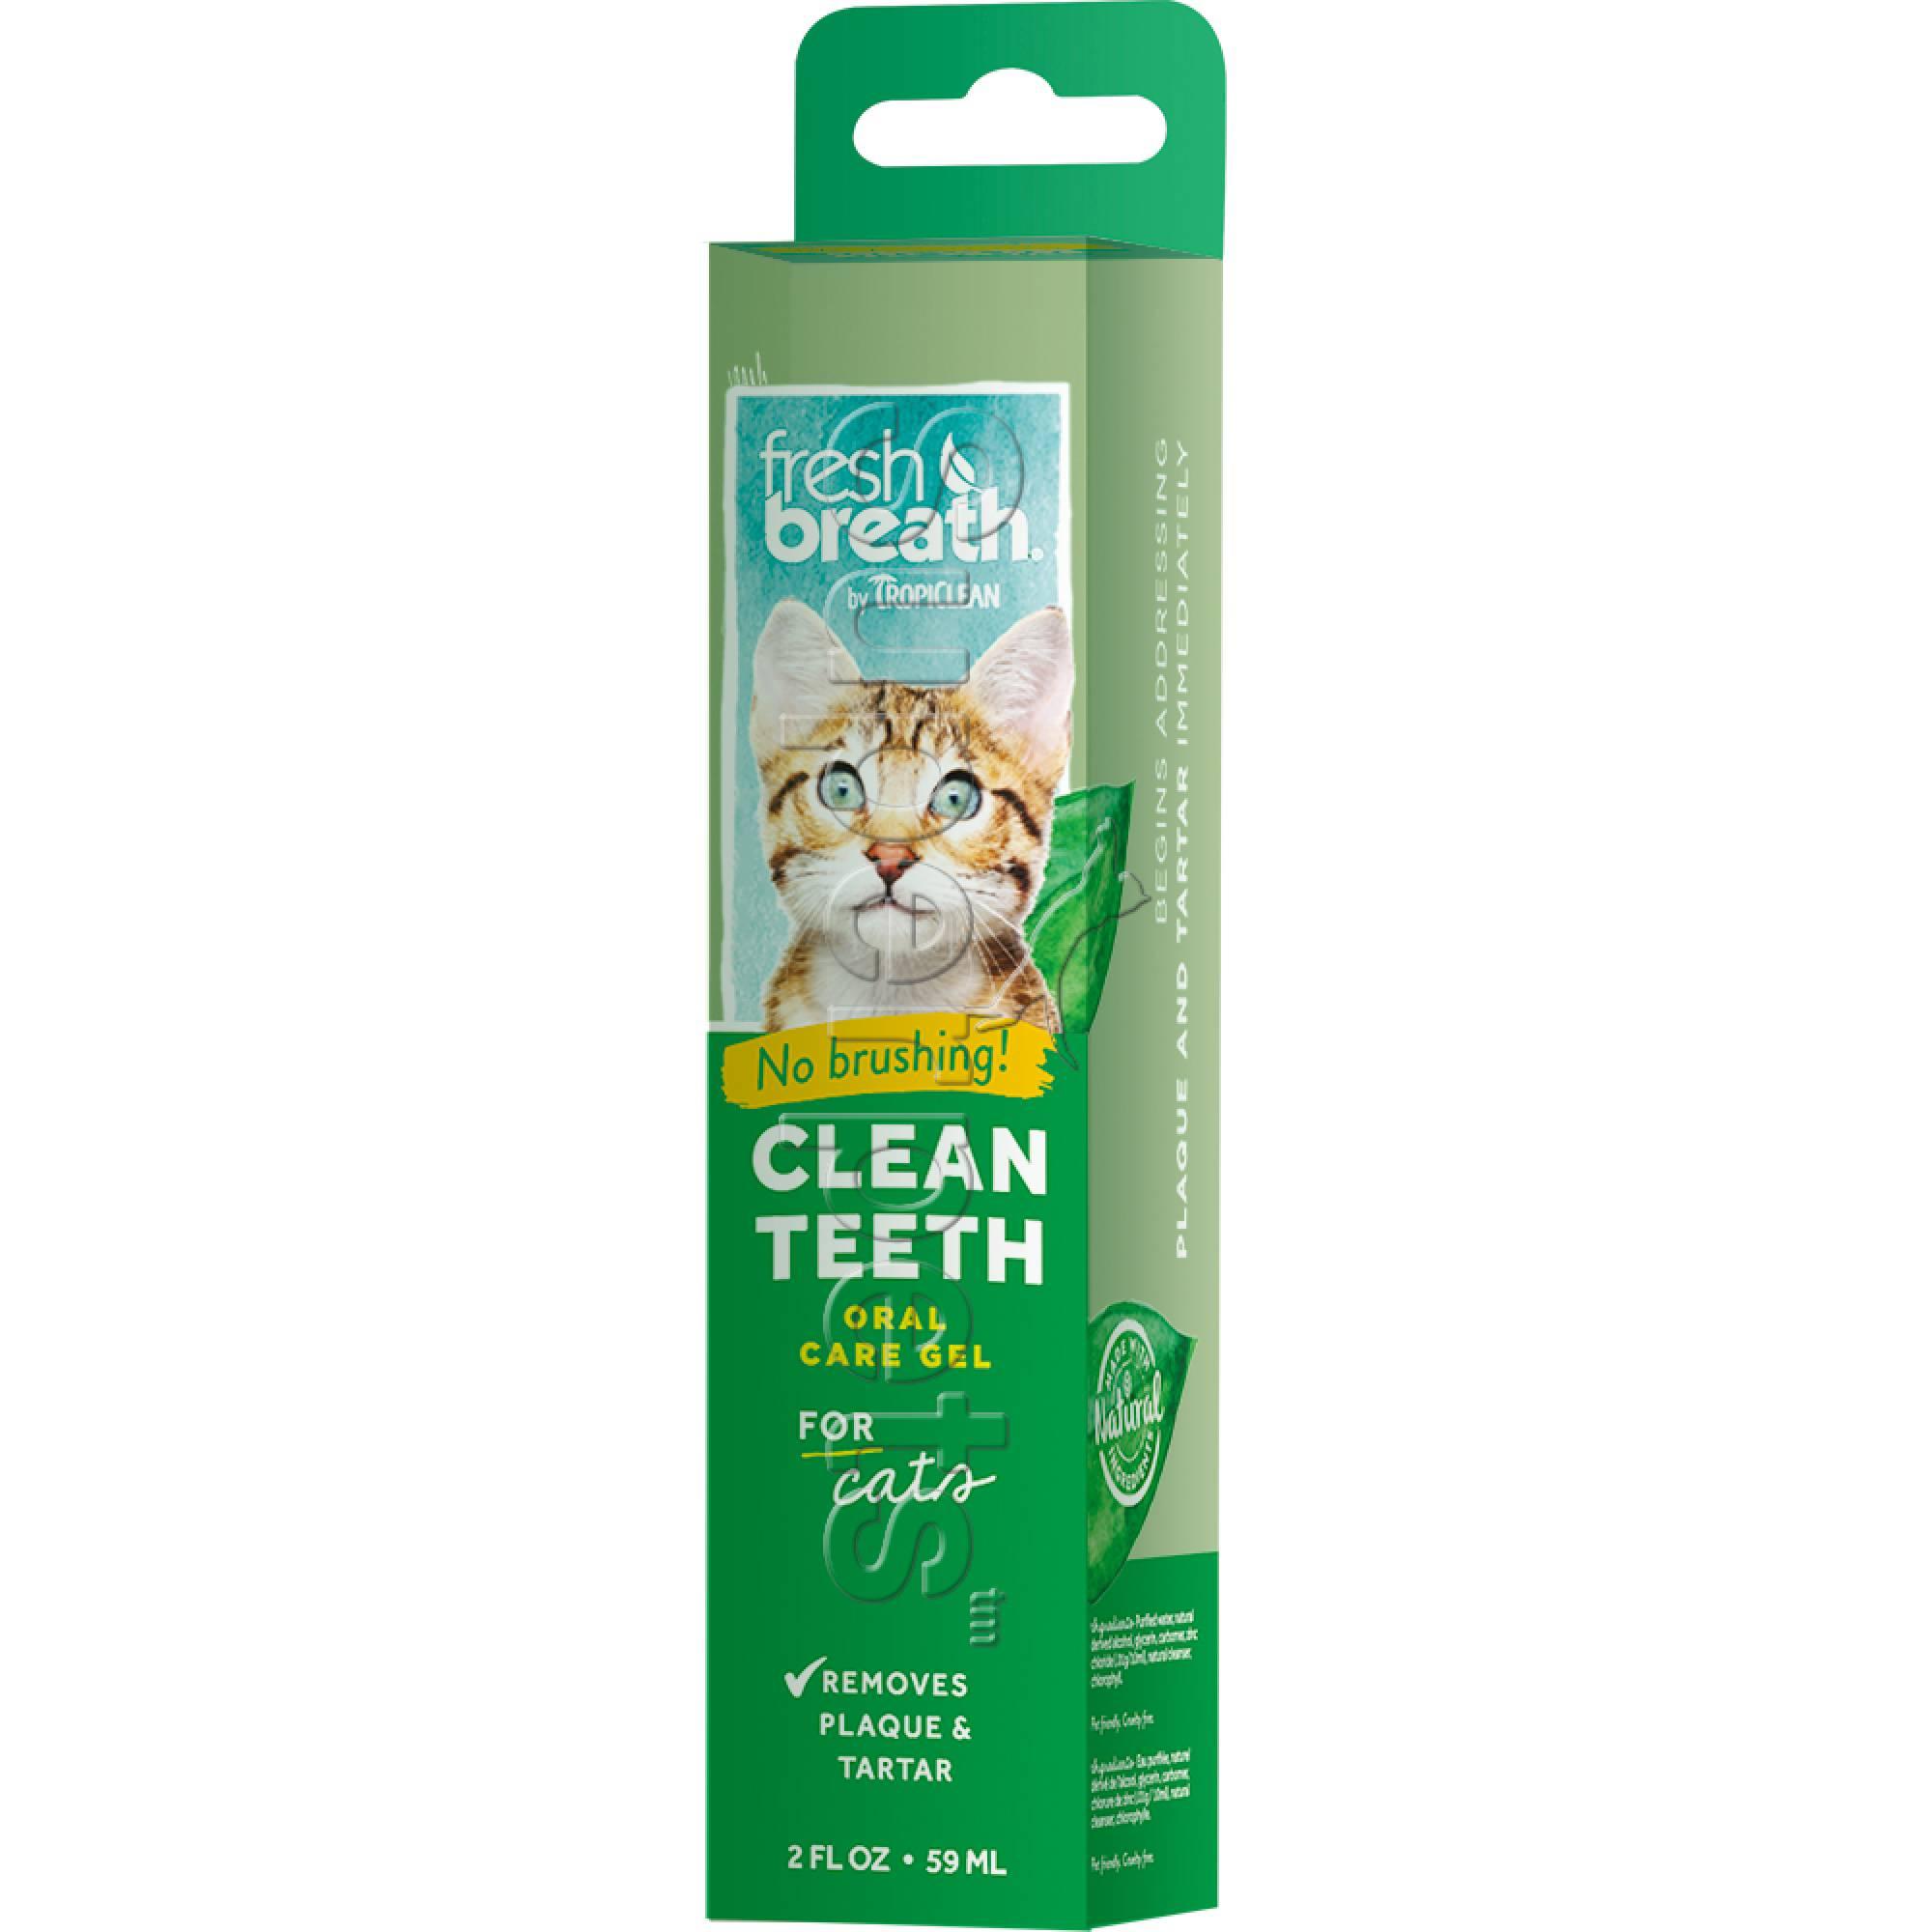 Tropiclean FRESH BREATH Clean Teeth Oral Care Gel for Cats 2oz (59ml)